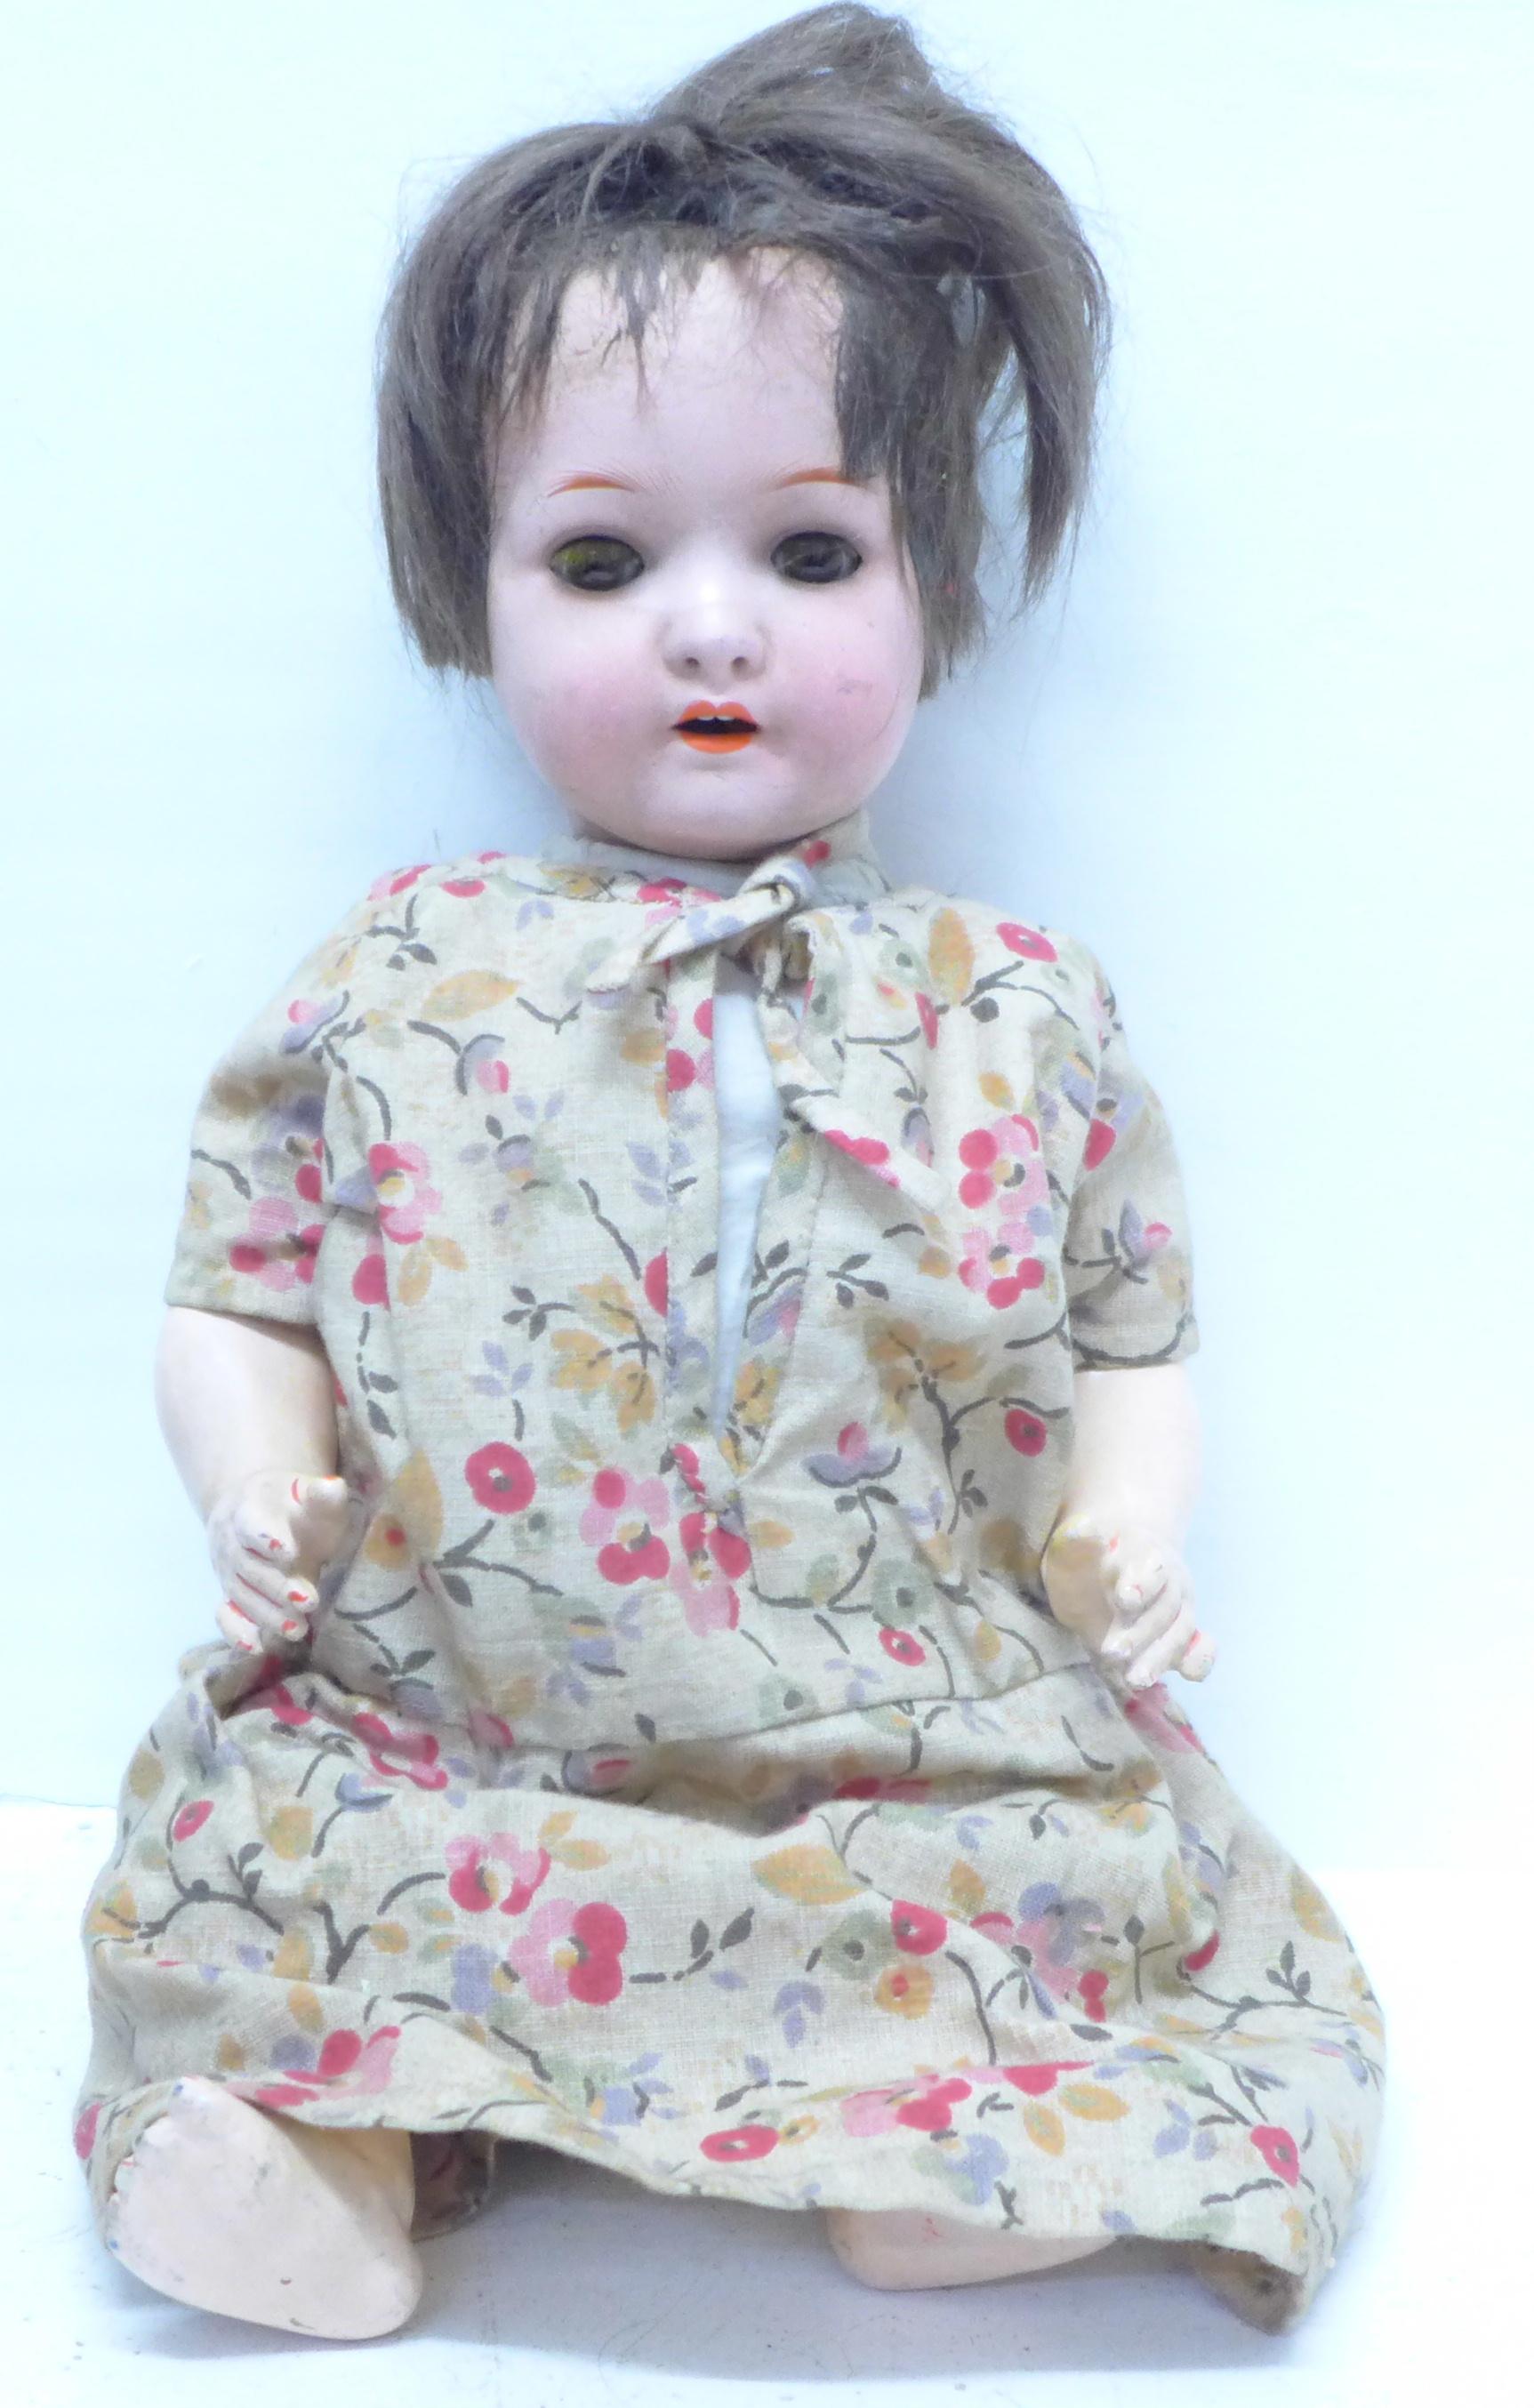 A Heubach Koppelsdorf doll, 320.2/0, 37cm